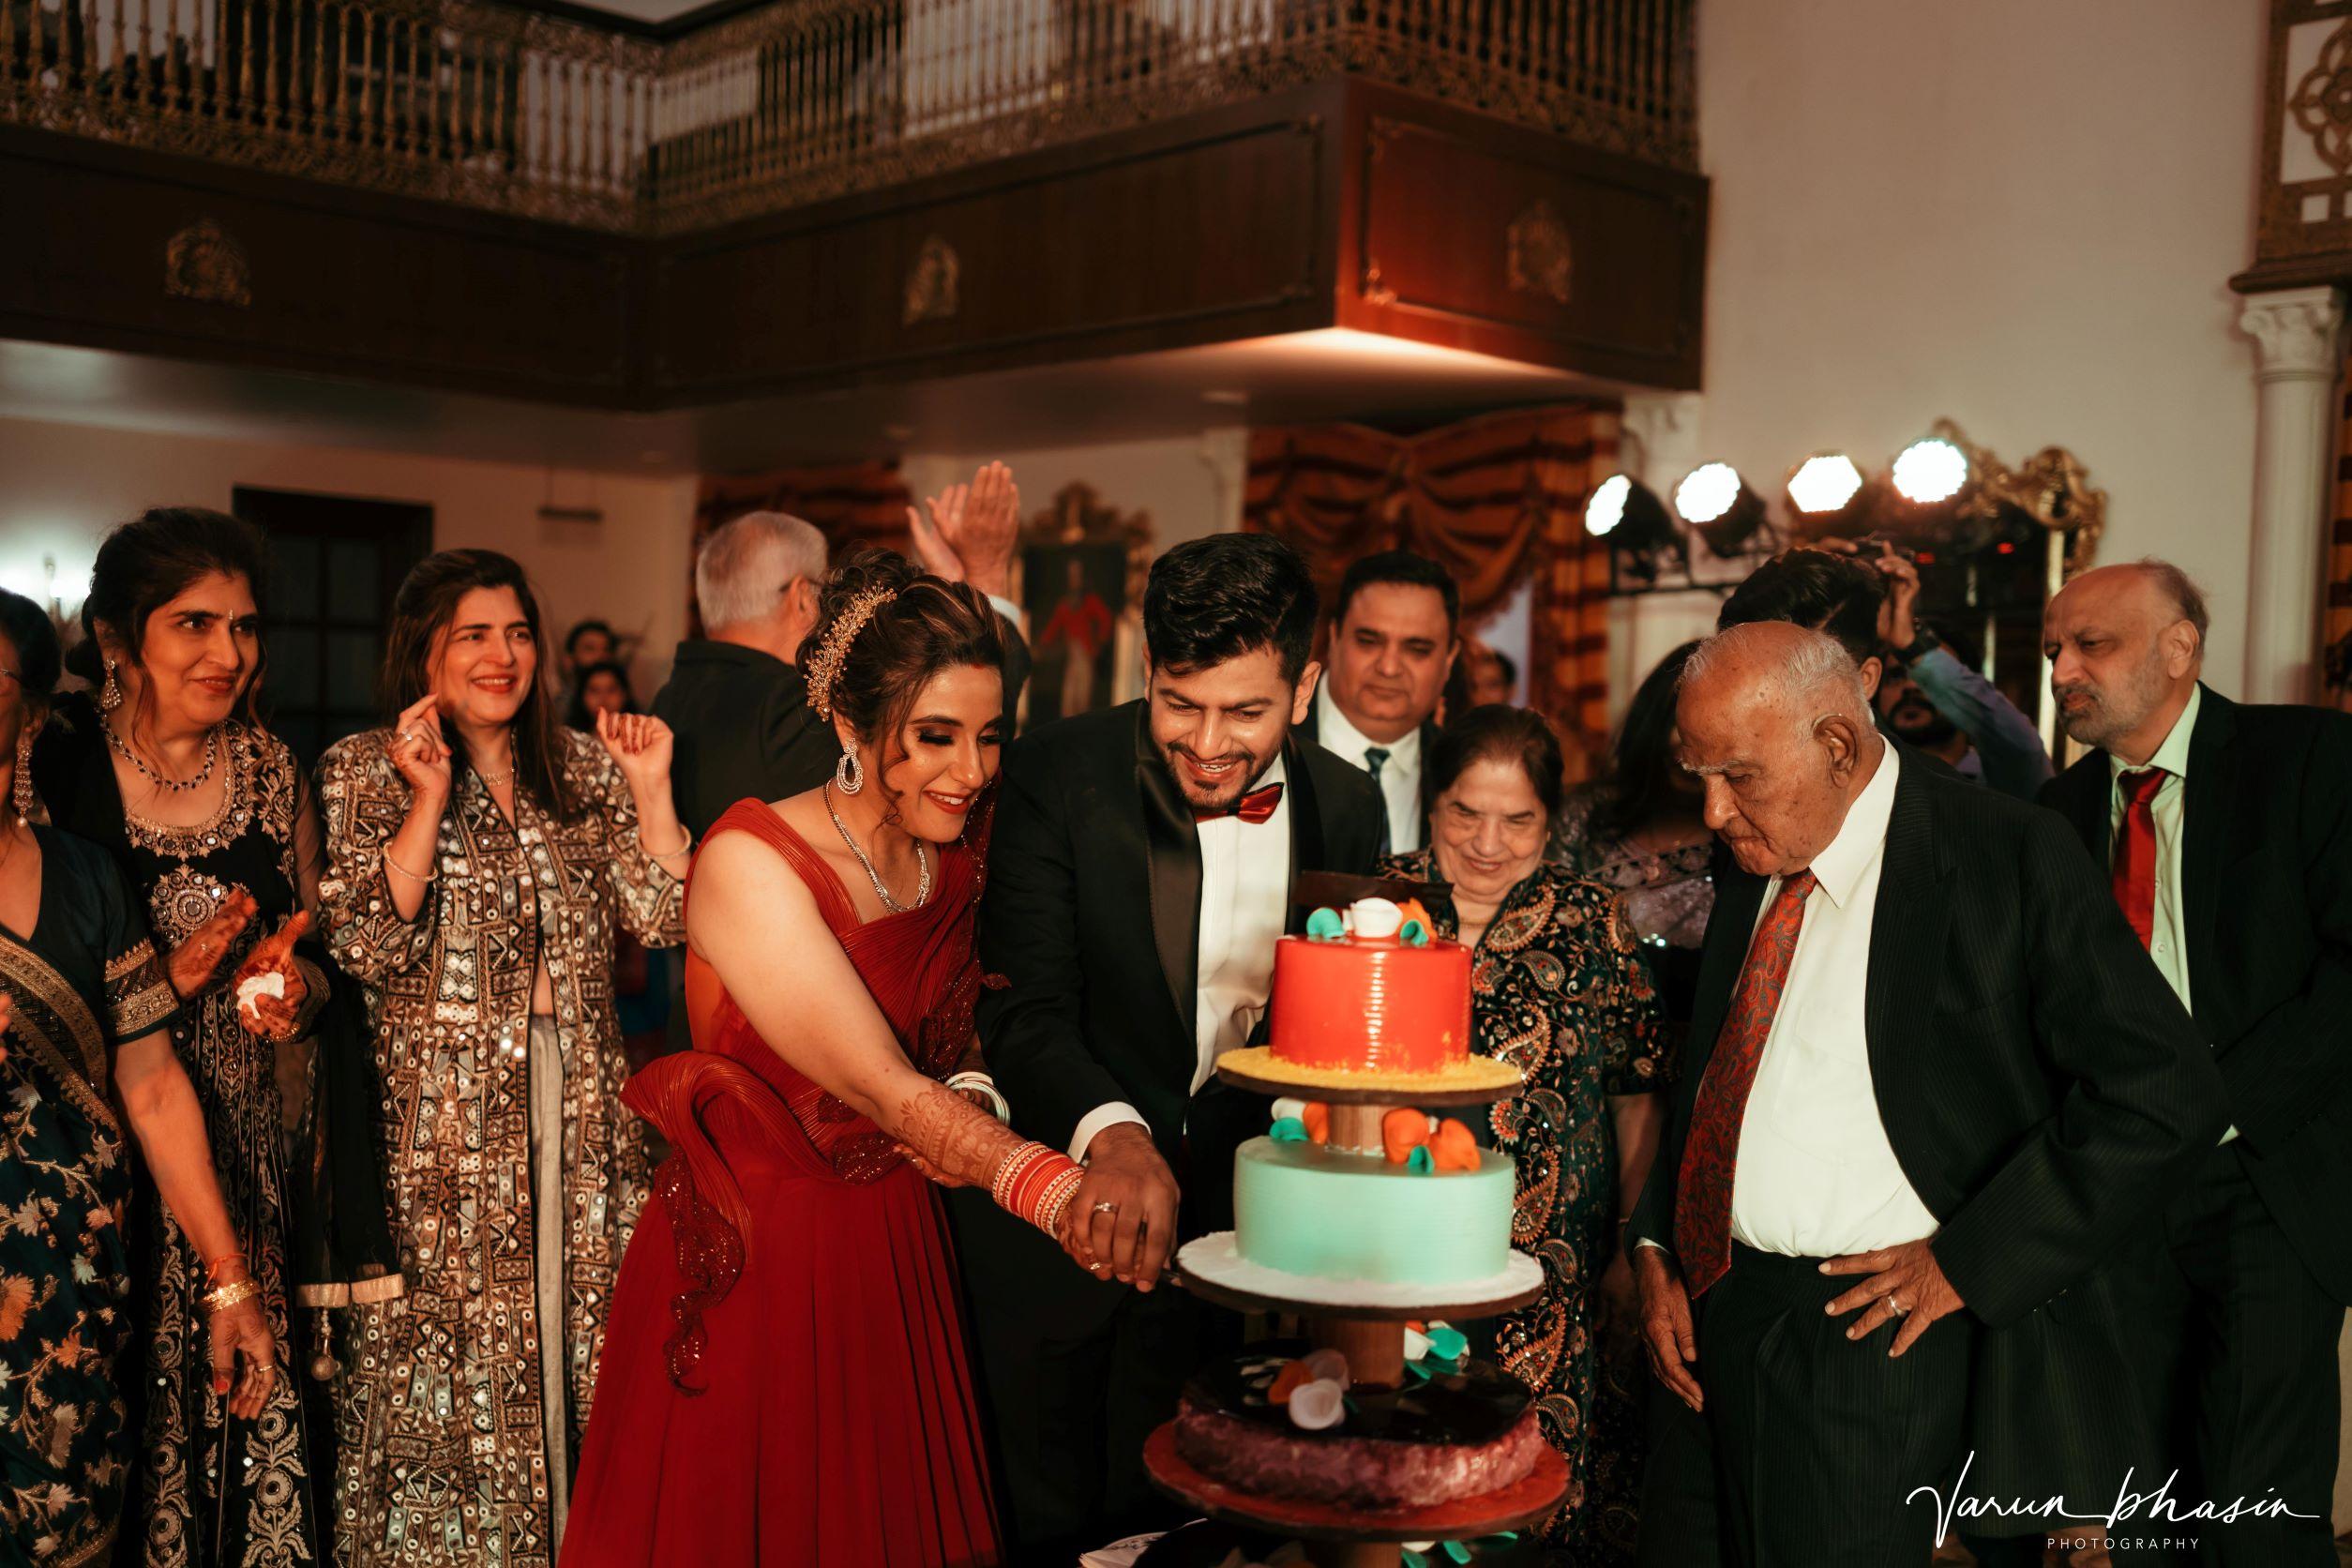 punjabi couple cutting their wedding cake